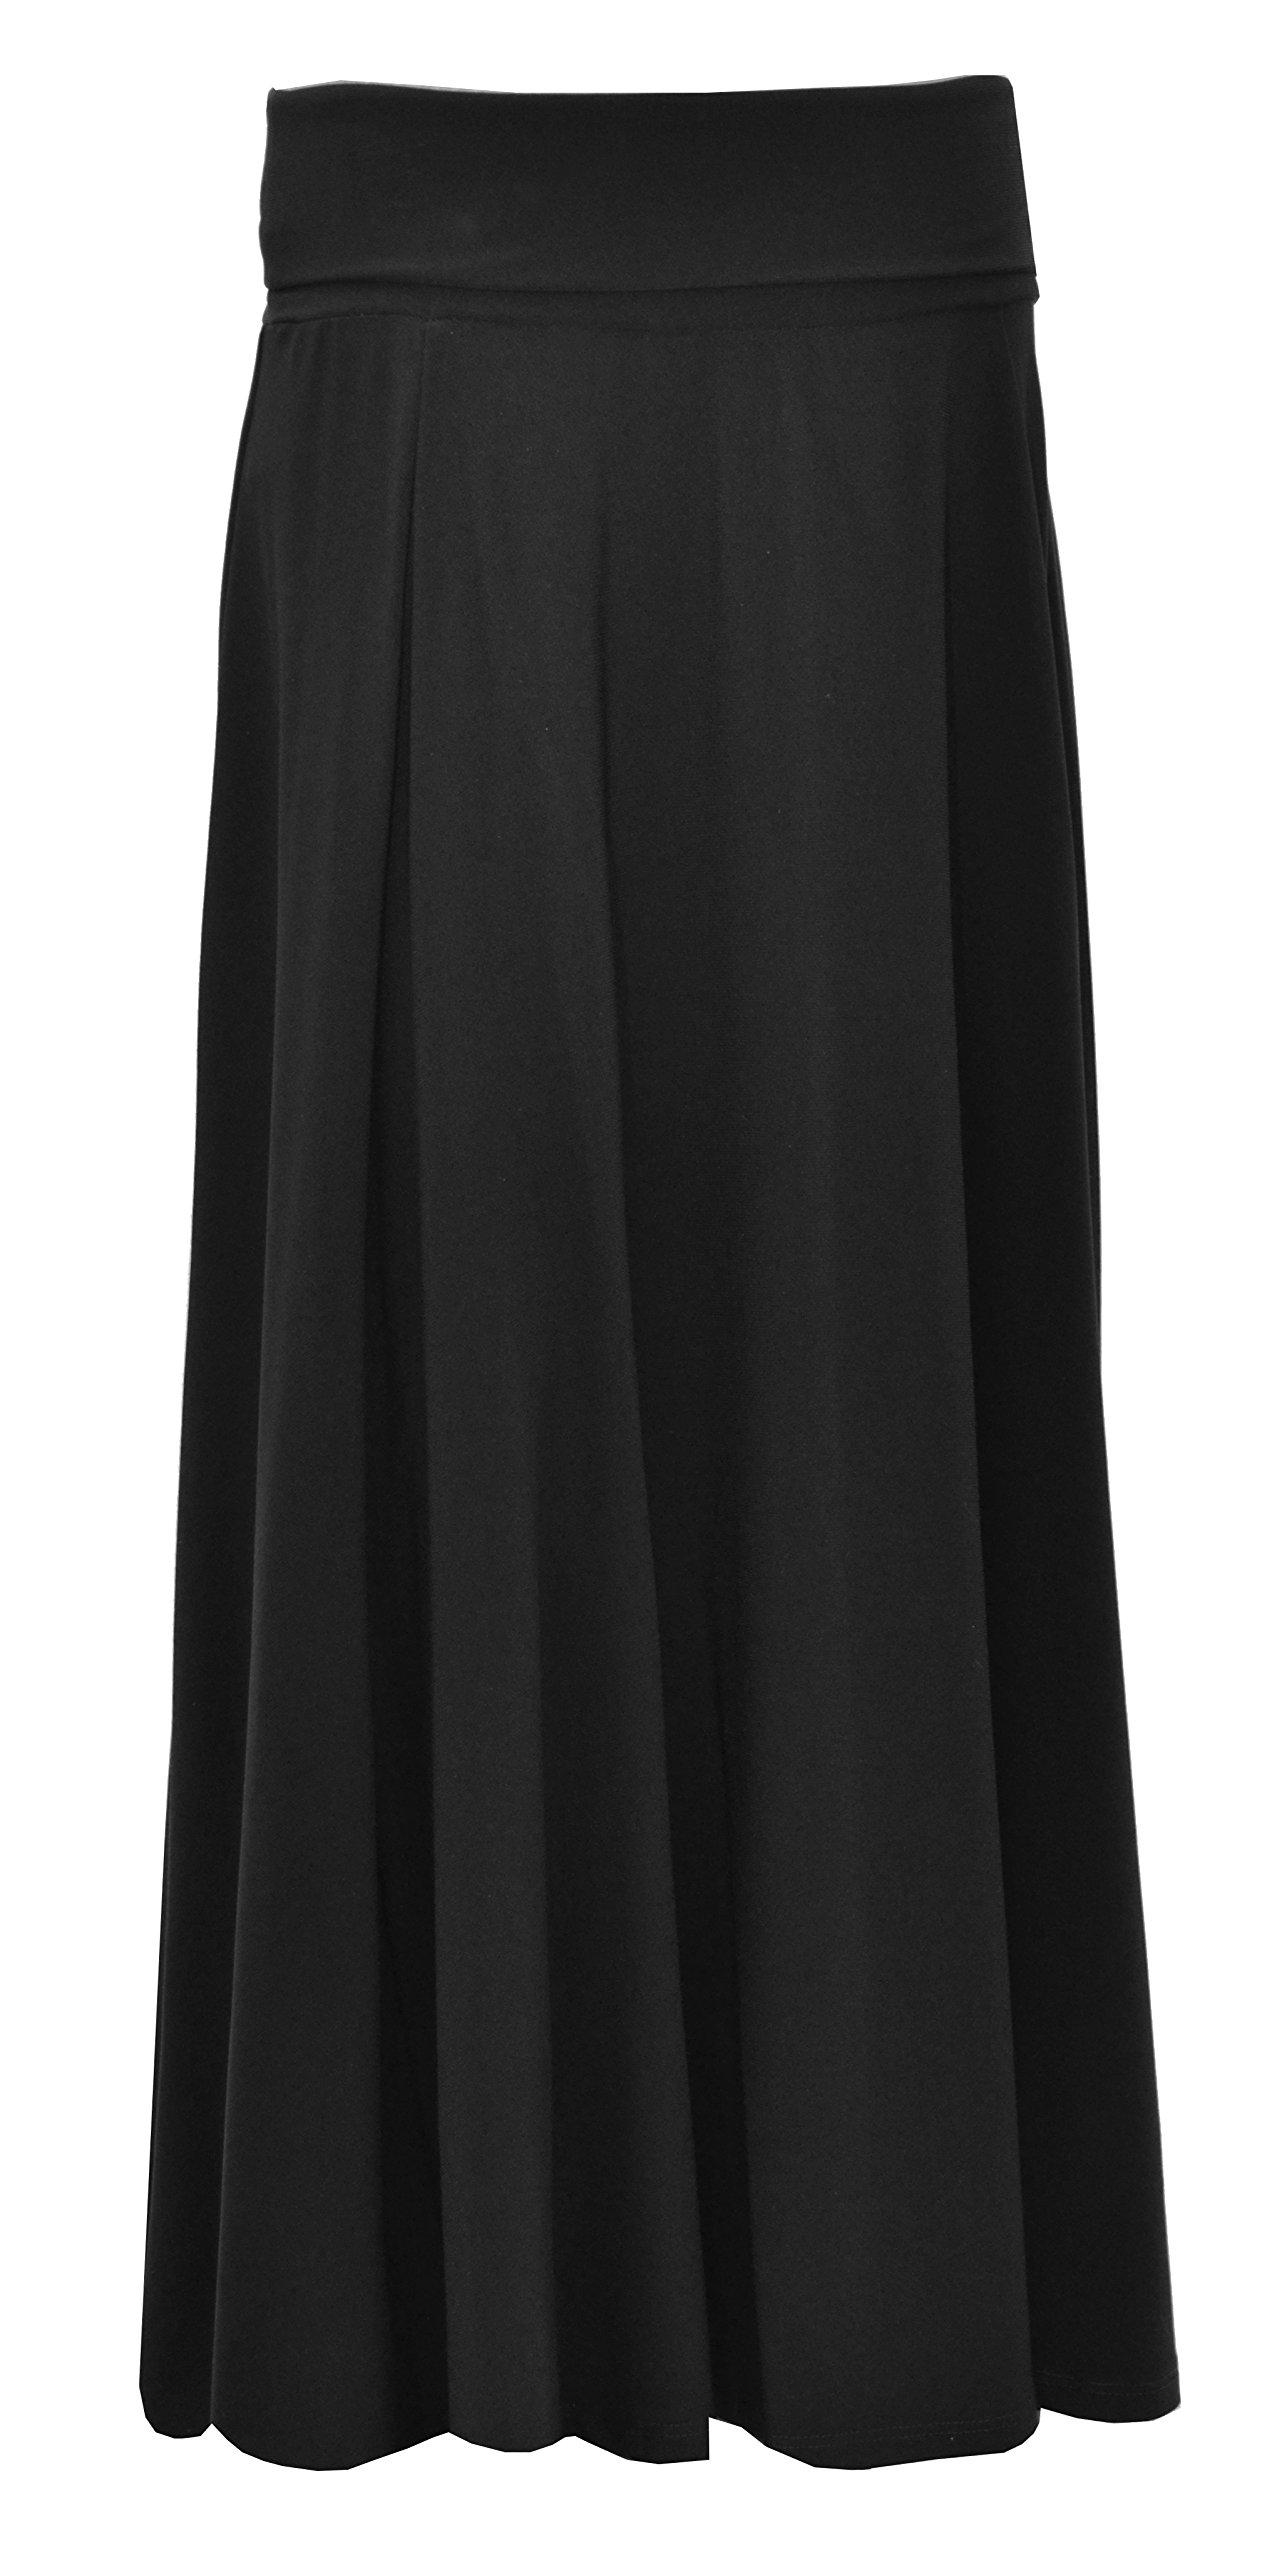 Baby'O GIRL'S (CHILDREN'S) Fold Over Waist Ankle Length Long Skirt, black, l